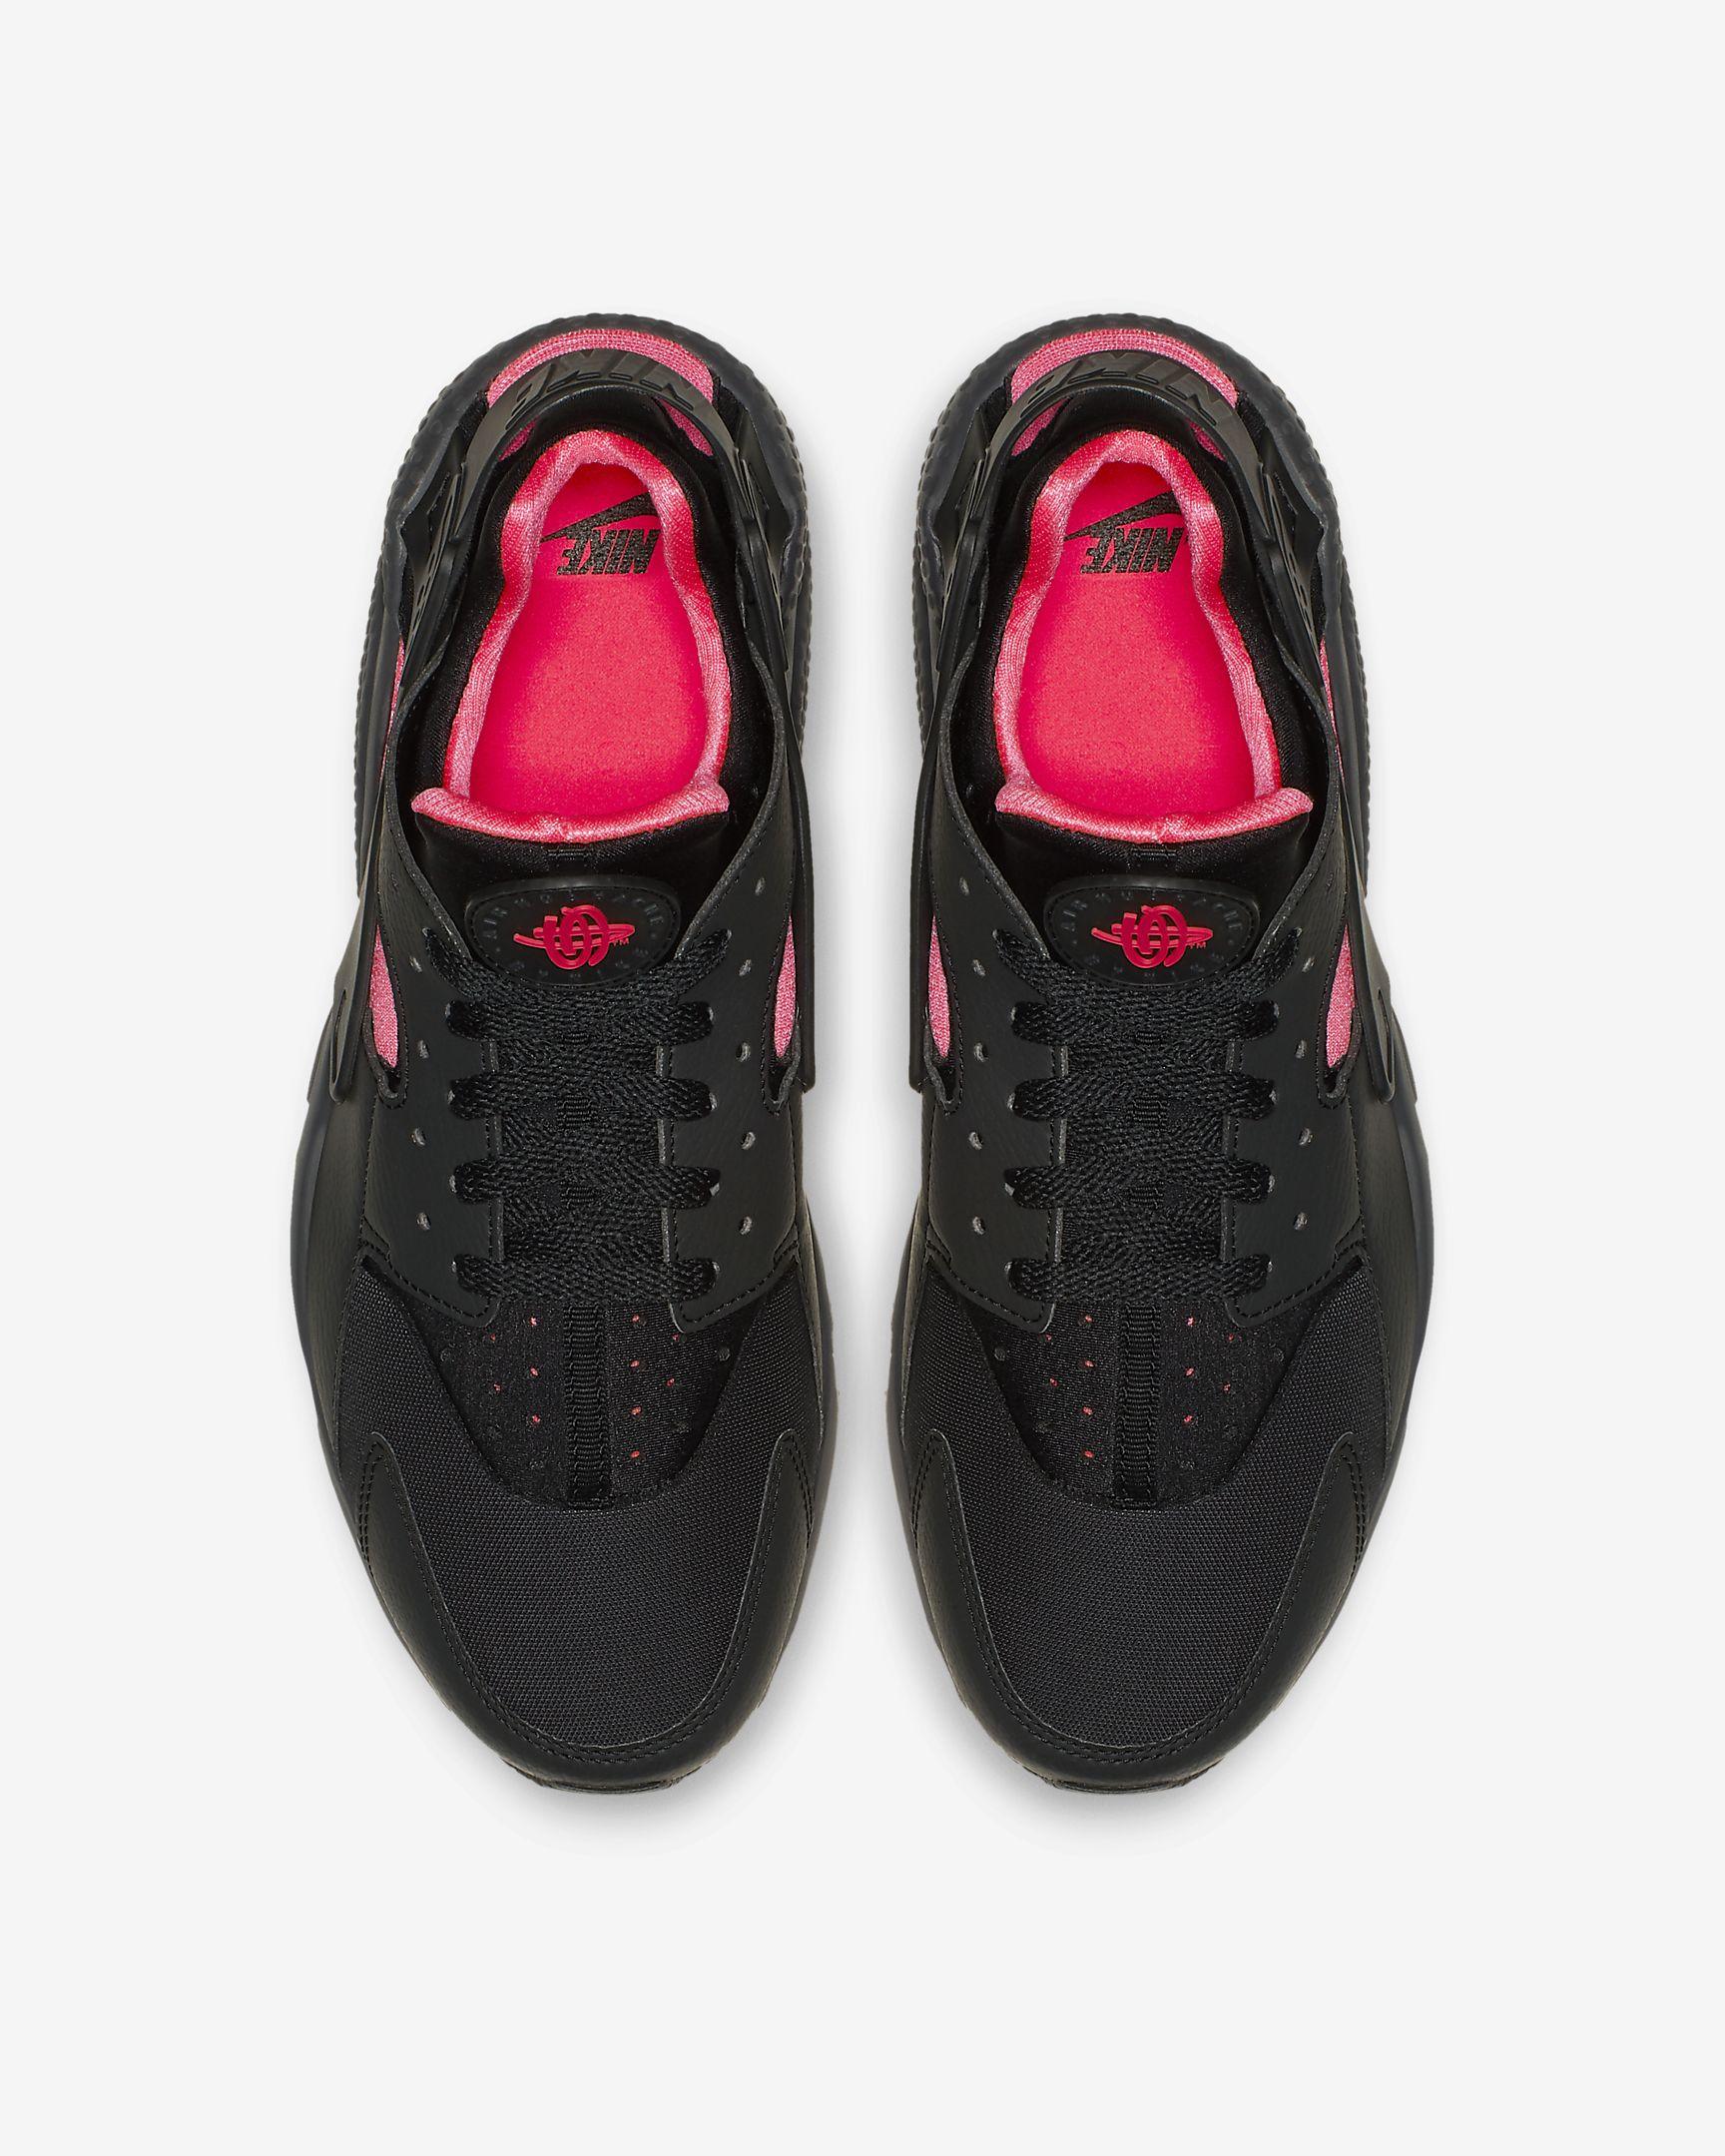 Nike Air Huarache 'Black/Solar Red'